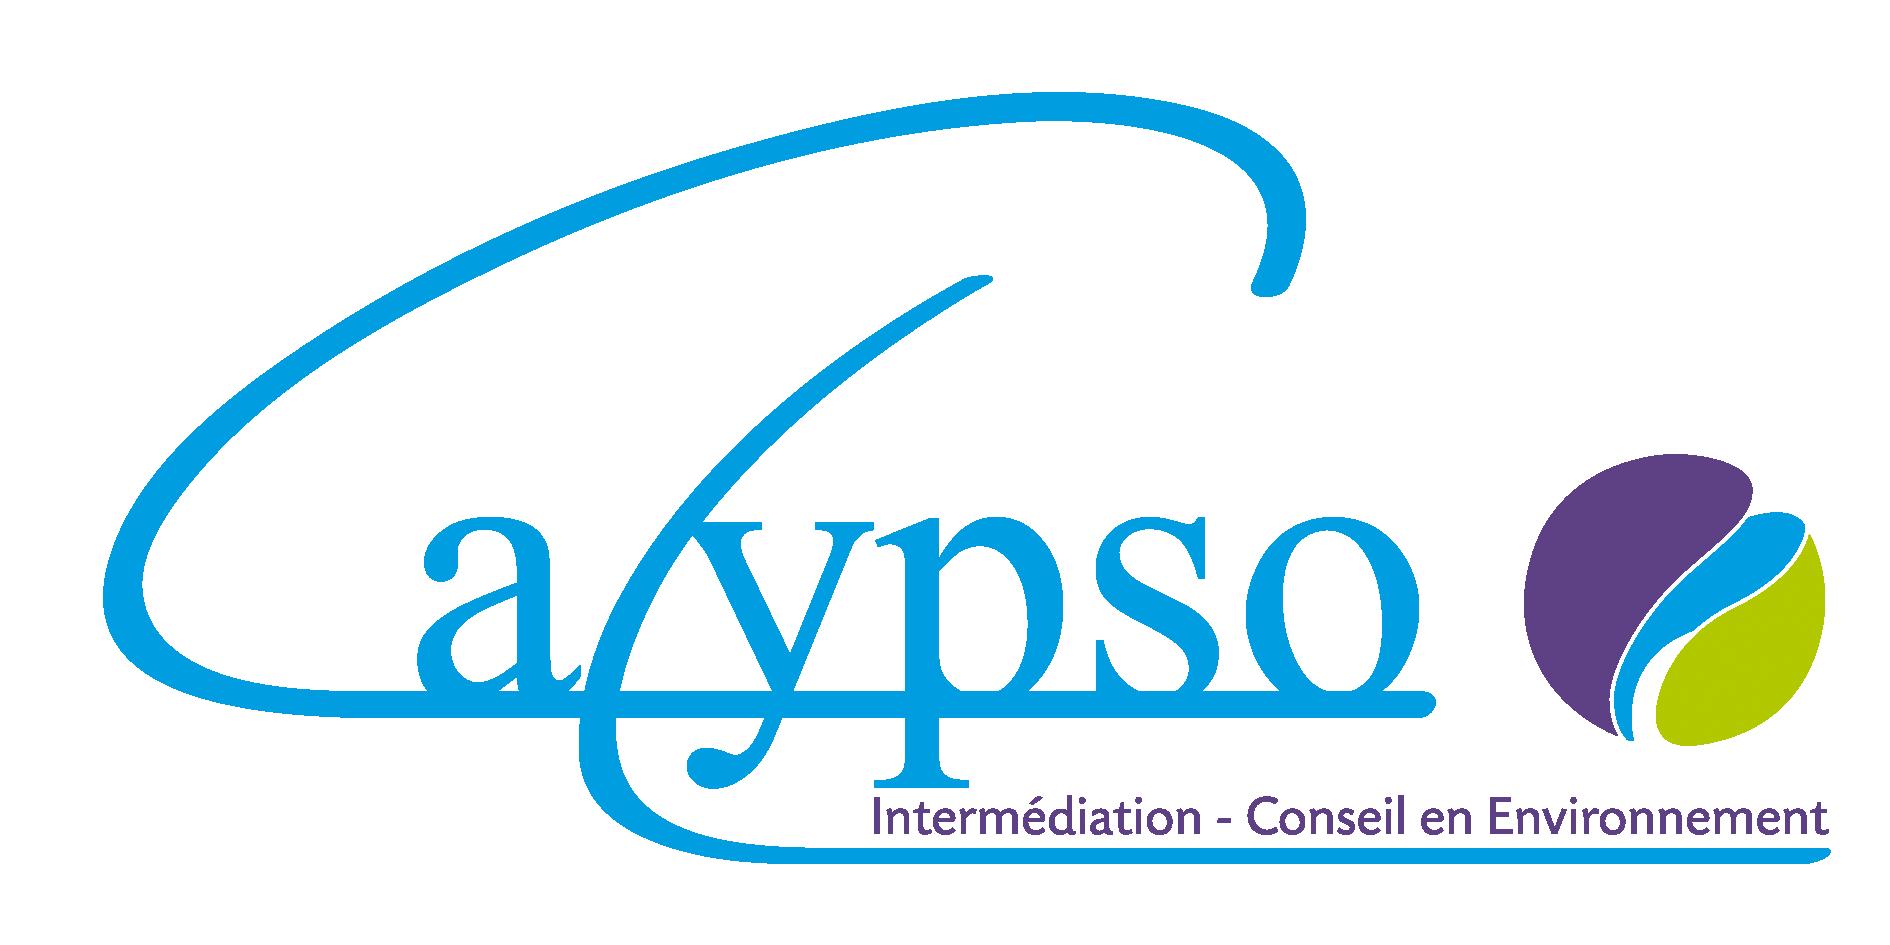 SAS Calypso - Expert recyclage et fabrication papier